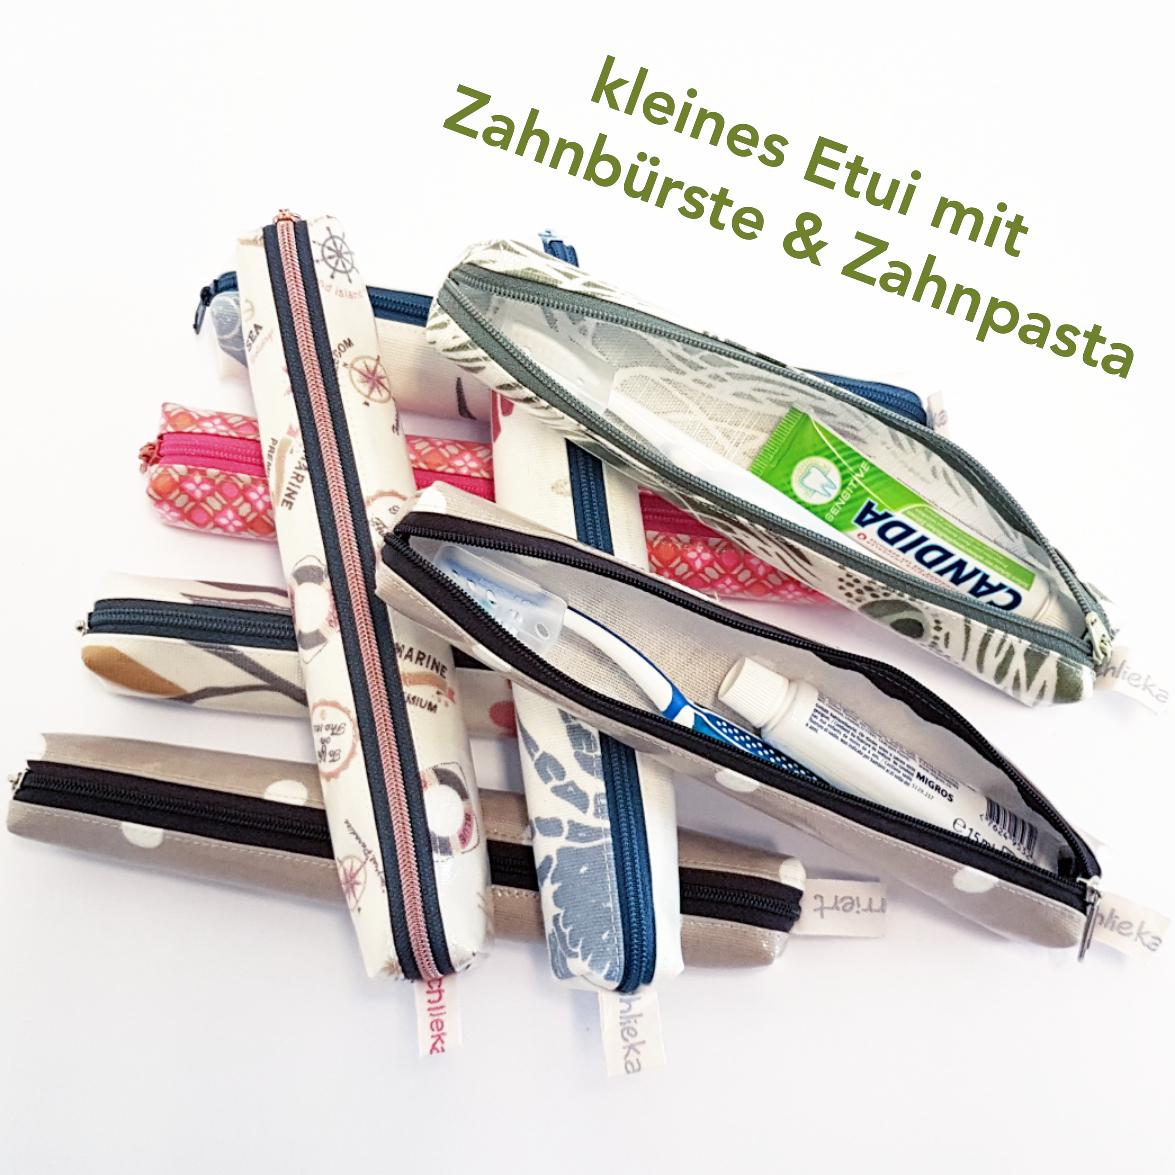 Etui klein mit Zahnbürsteli & Zahnpasta, Fr. 23.-